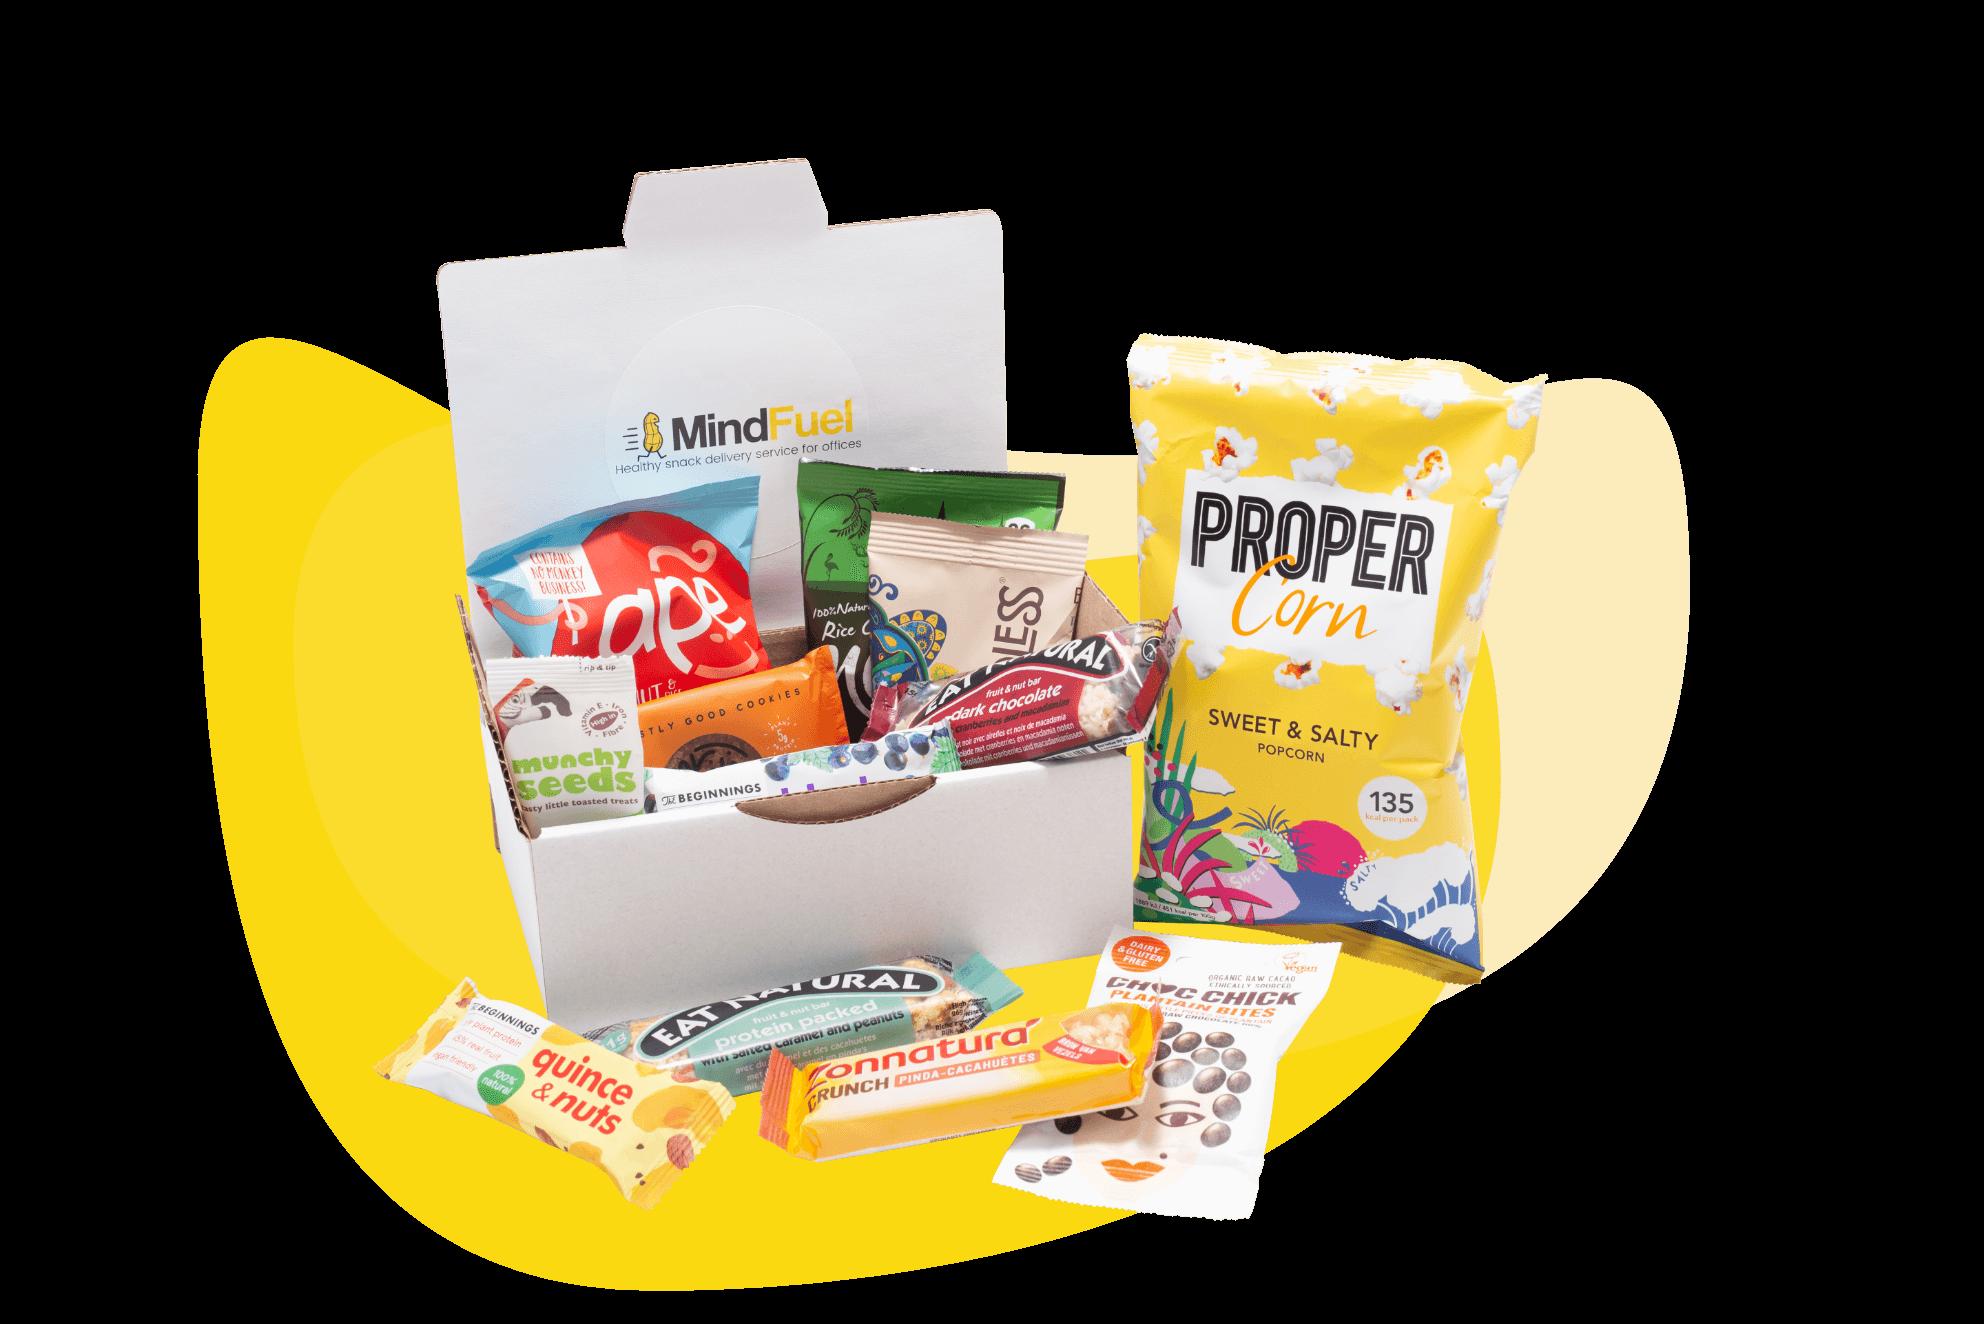 Mindfuel testpakket met gezonde snacks voor op kantoor